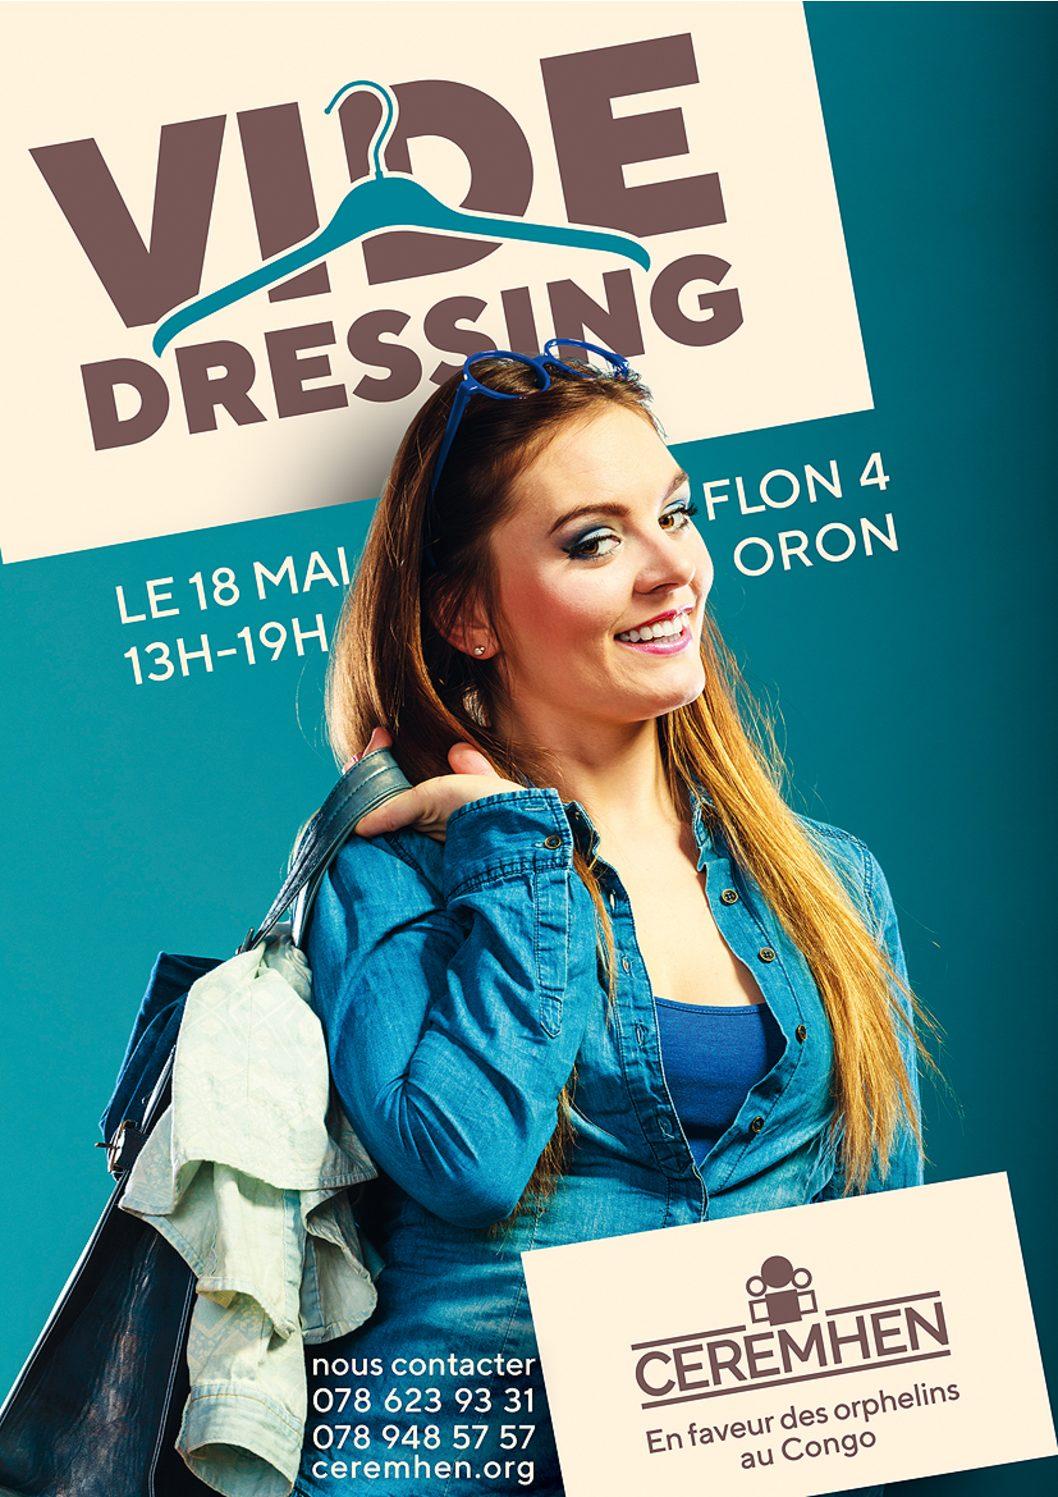 Le 18 mai ne manquez pas notre «Vide dressing»